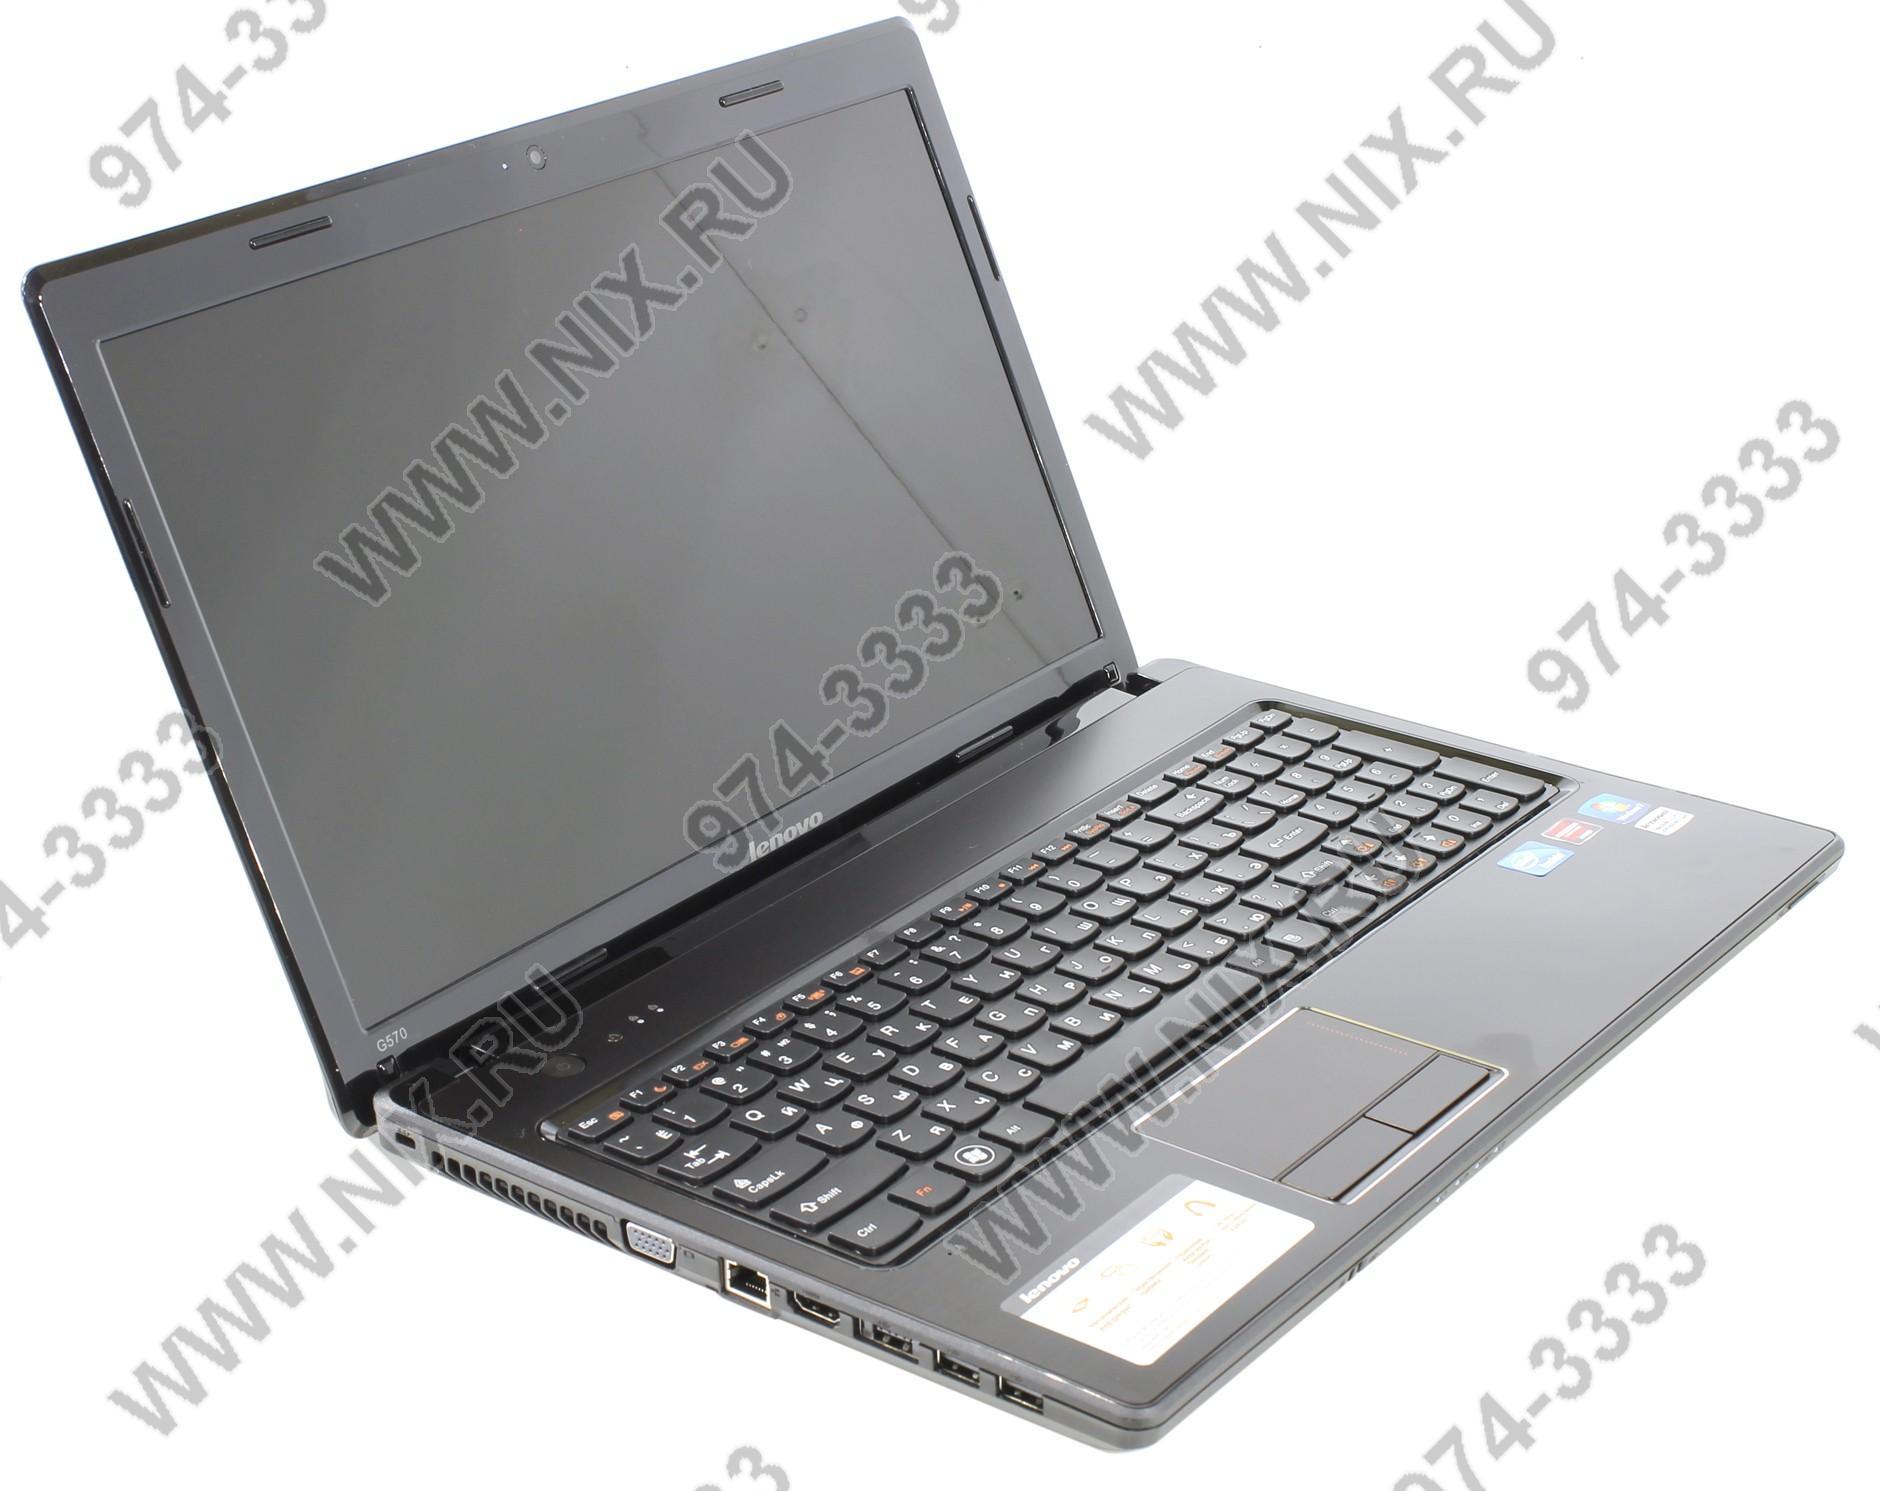 http://nixpro.by/published/publicdata/SUPERNIXSHOP/attachments/SC/products_pictures/133/1336/13360/133608/578543.jpg